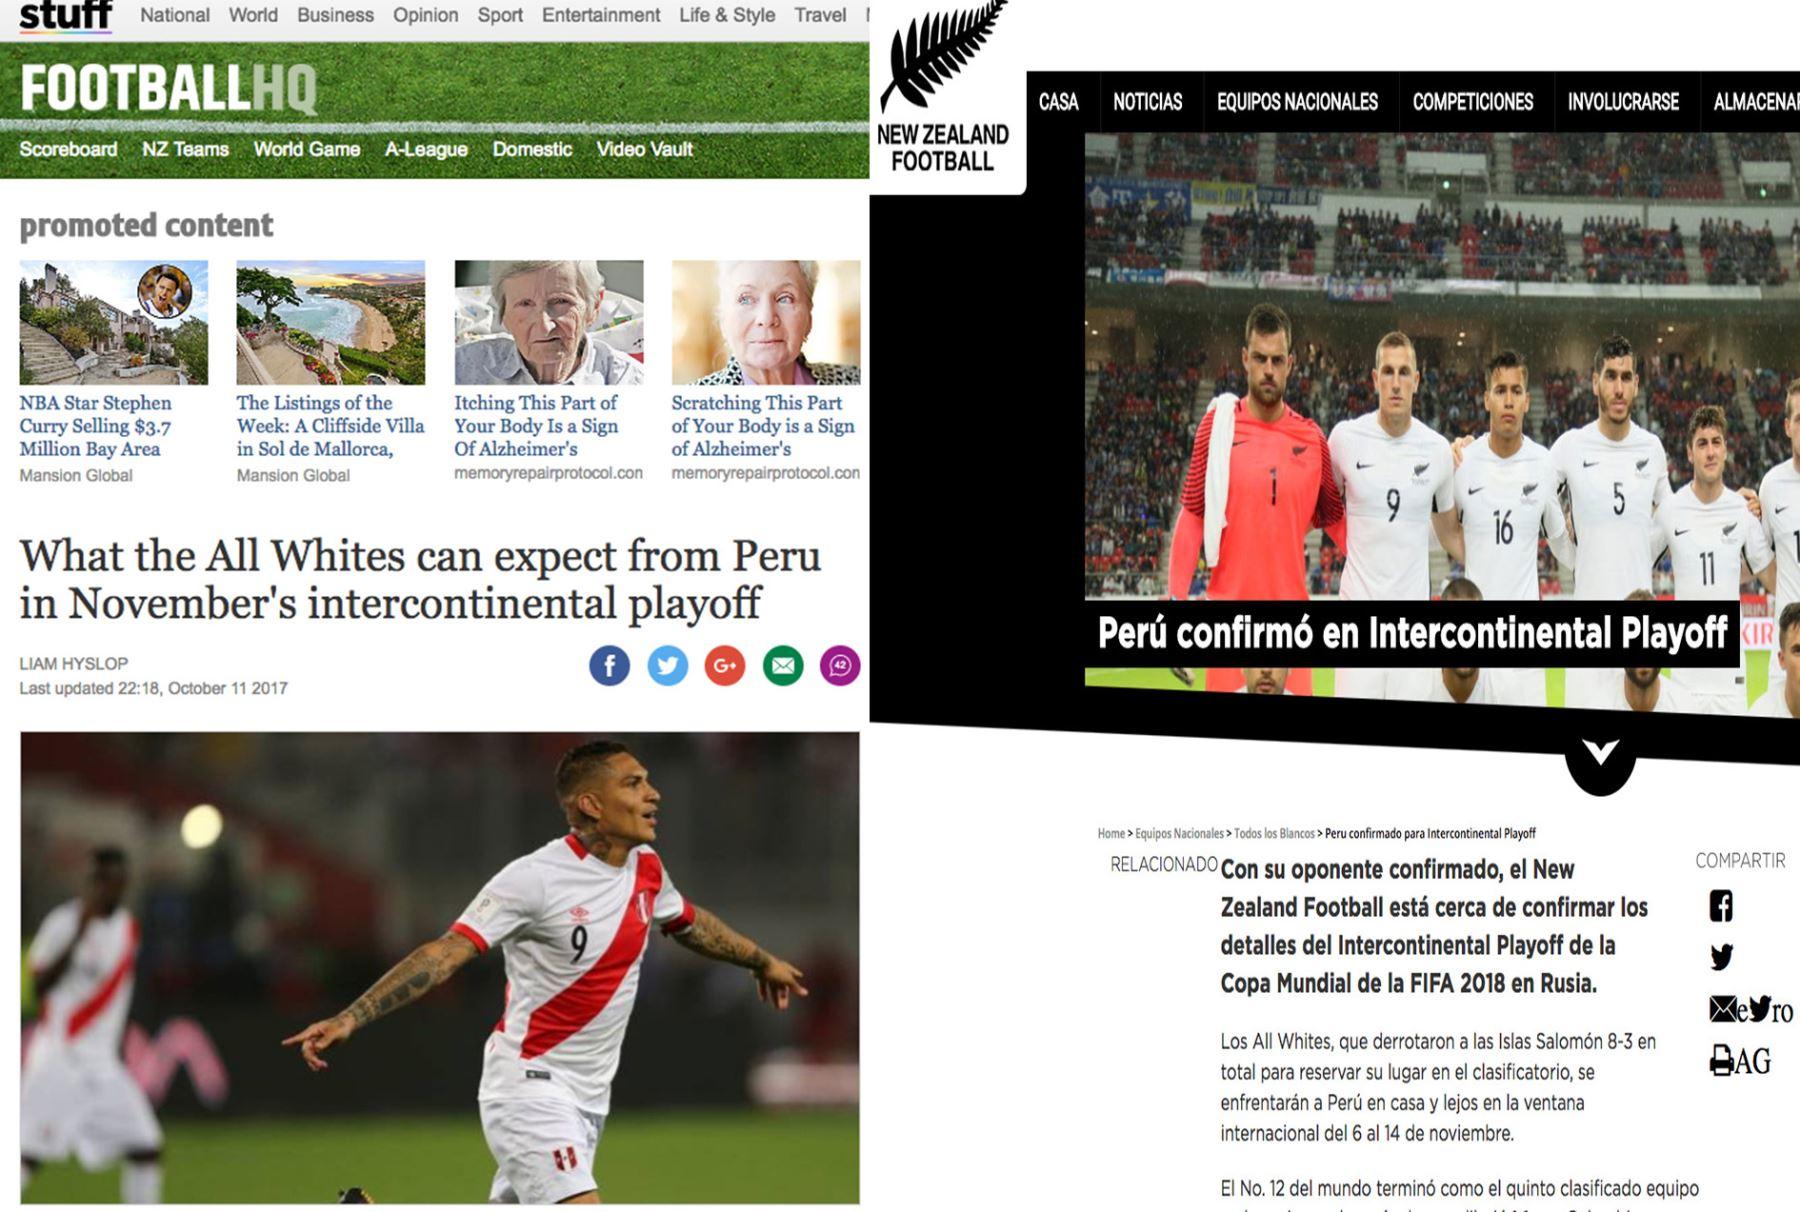 Medios de comunicación de Nueva Zelanda informan sobre el partido con Perú.